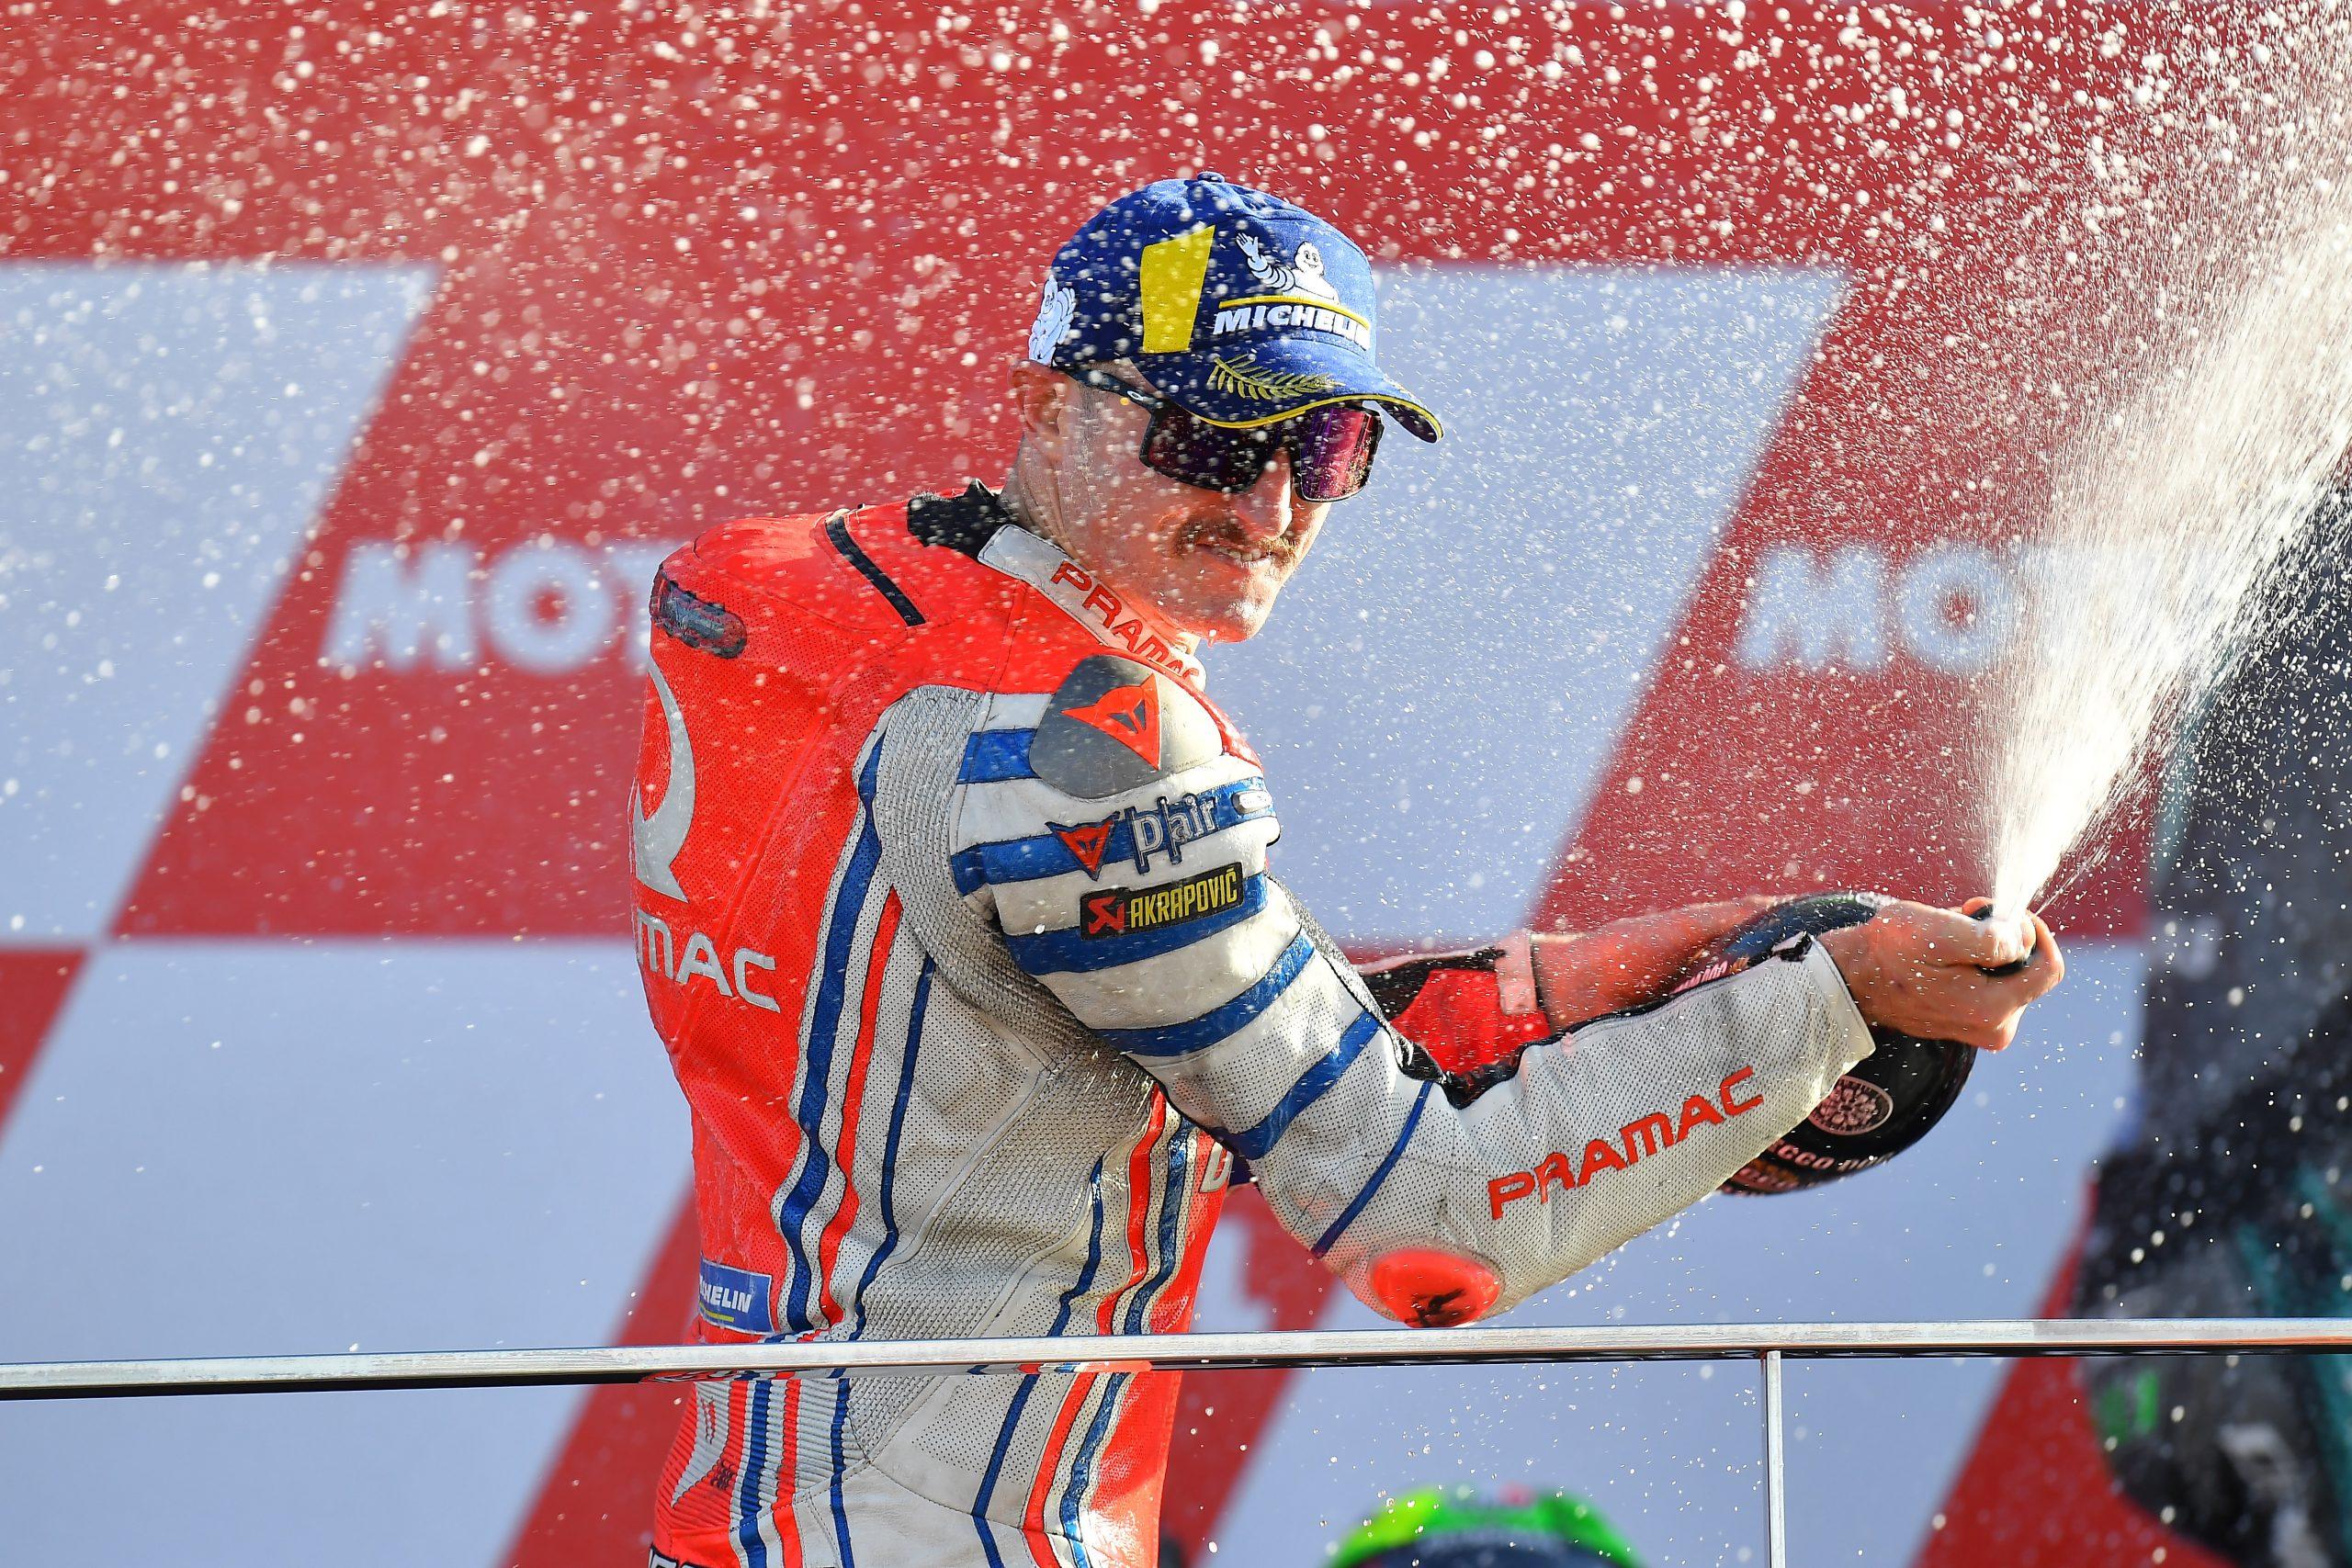 Jack Miller świętujący na podium po wyścigu MotoGP w Walencji w 2020